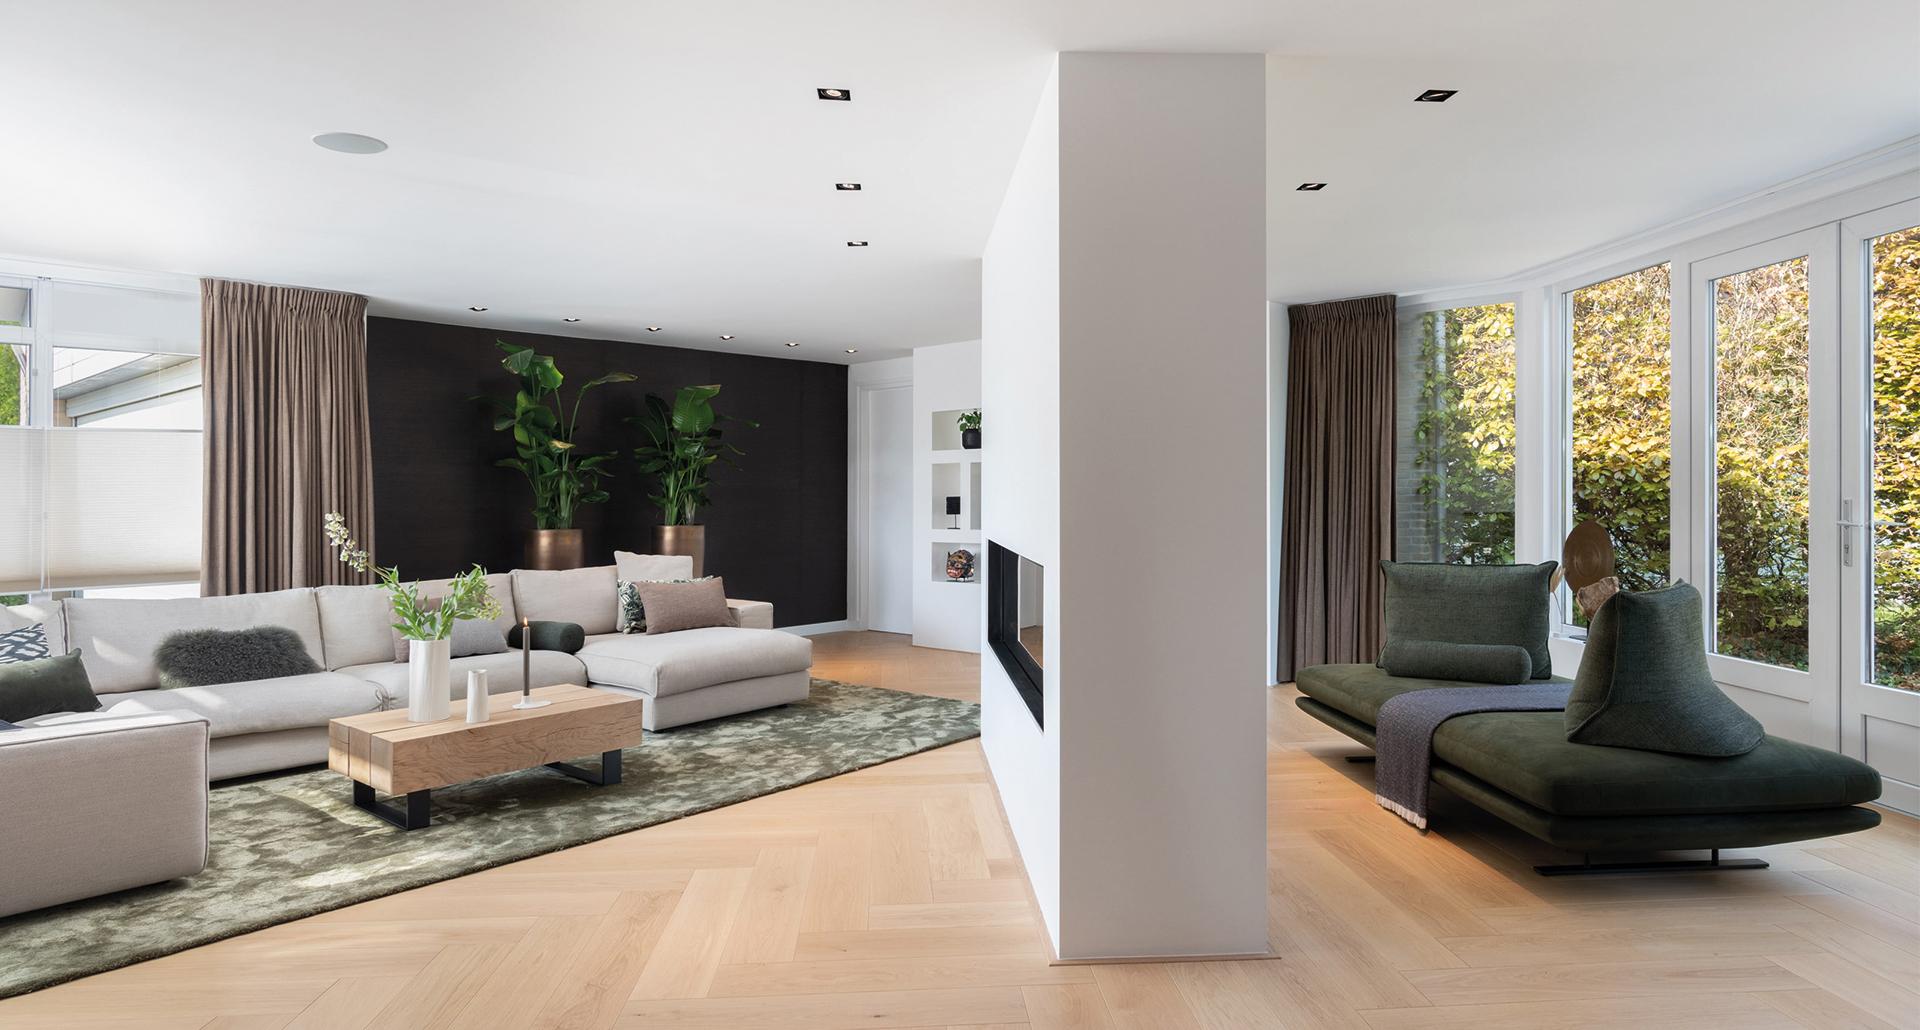 interieurarchitect interieurontwerp huiskamer gashaard maatwerkmeubels